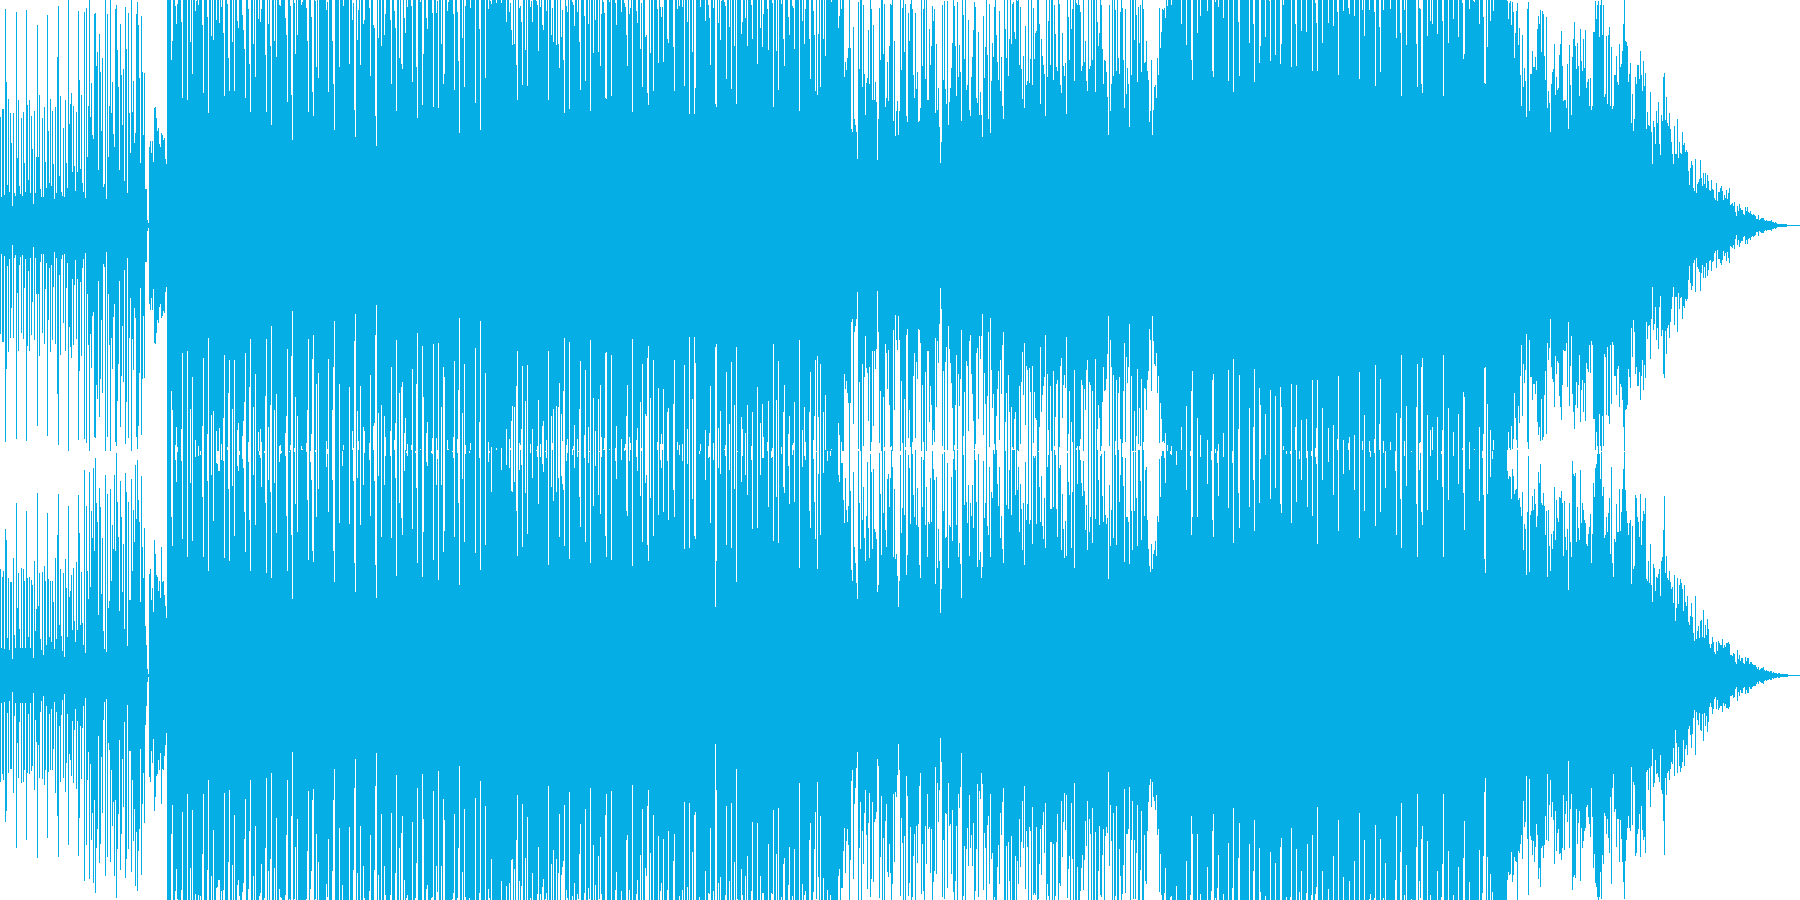 映画やアニメのオープニングにぴったりな曲の再生済みの波形